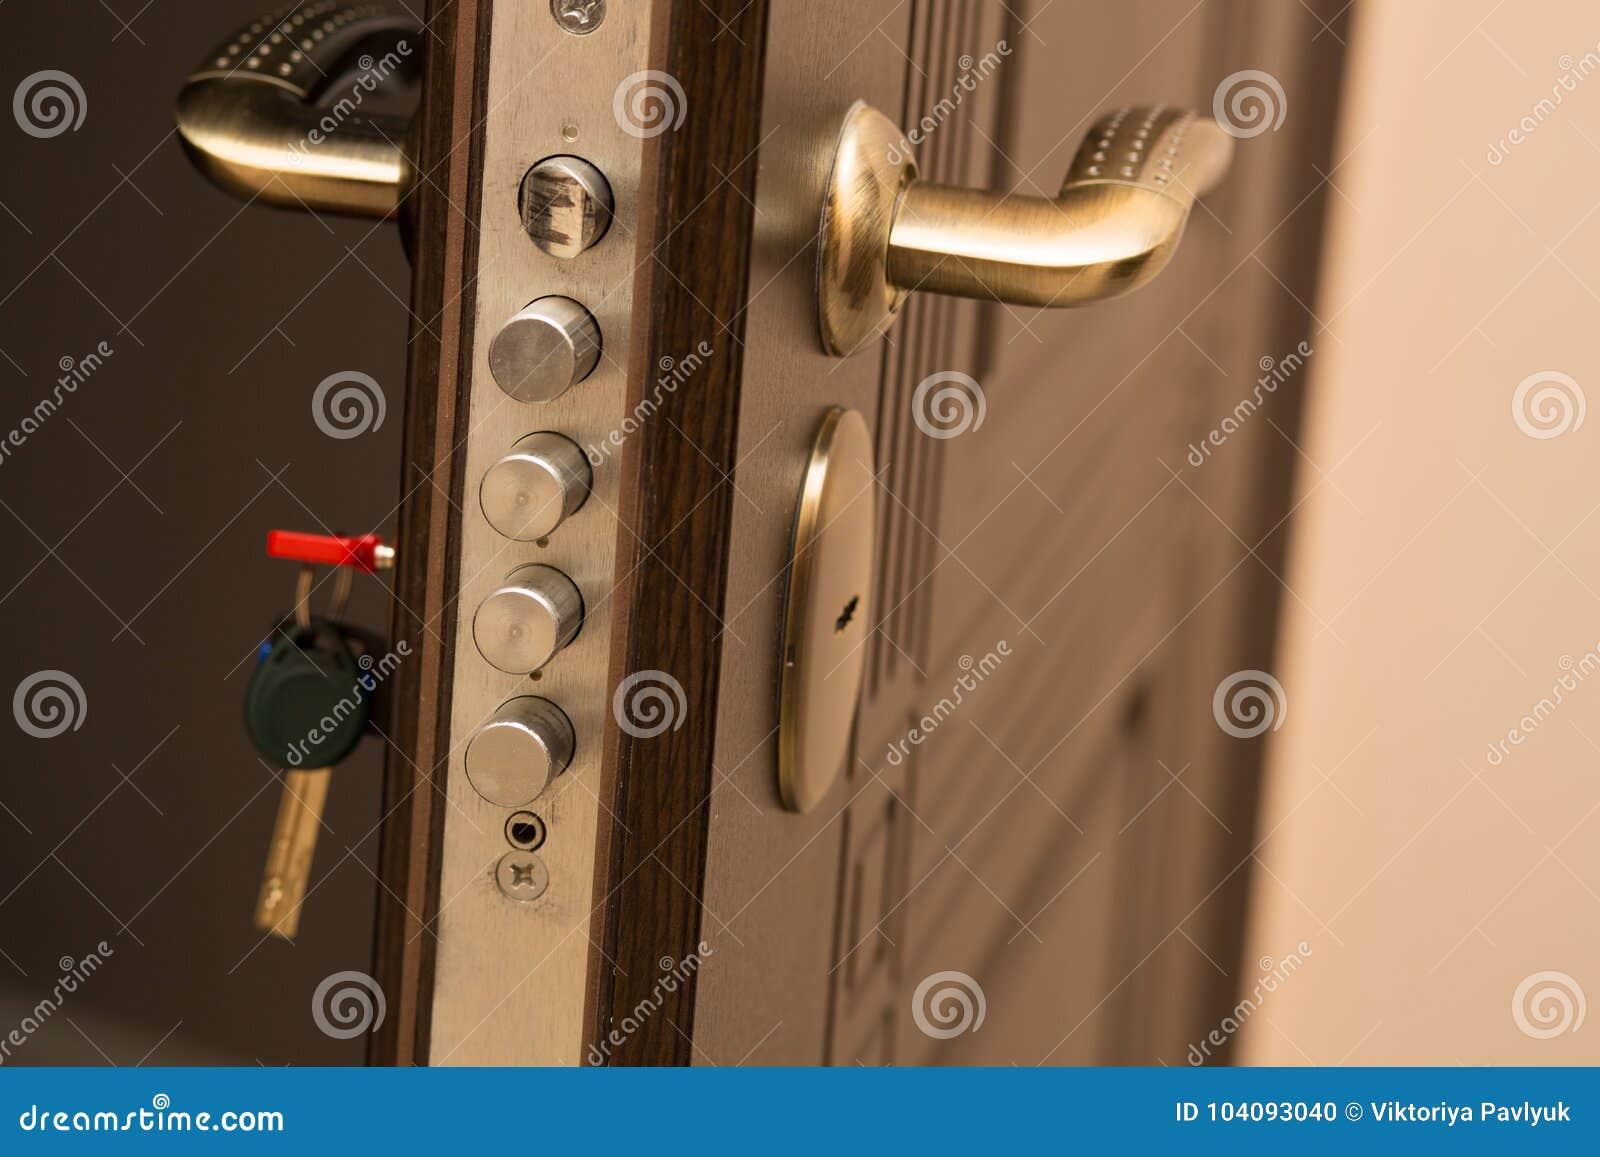 Le plan rapproché a tiré de la serrure de porte moderne avec une clé L espace vide